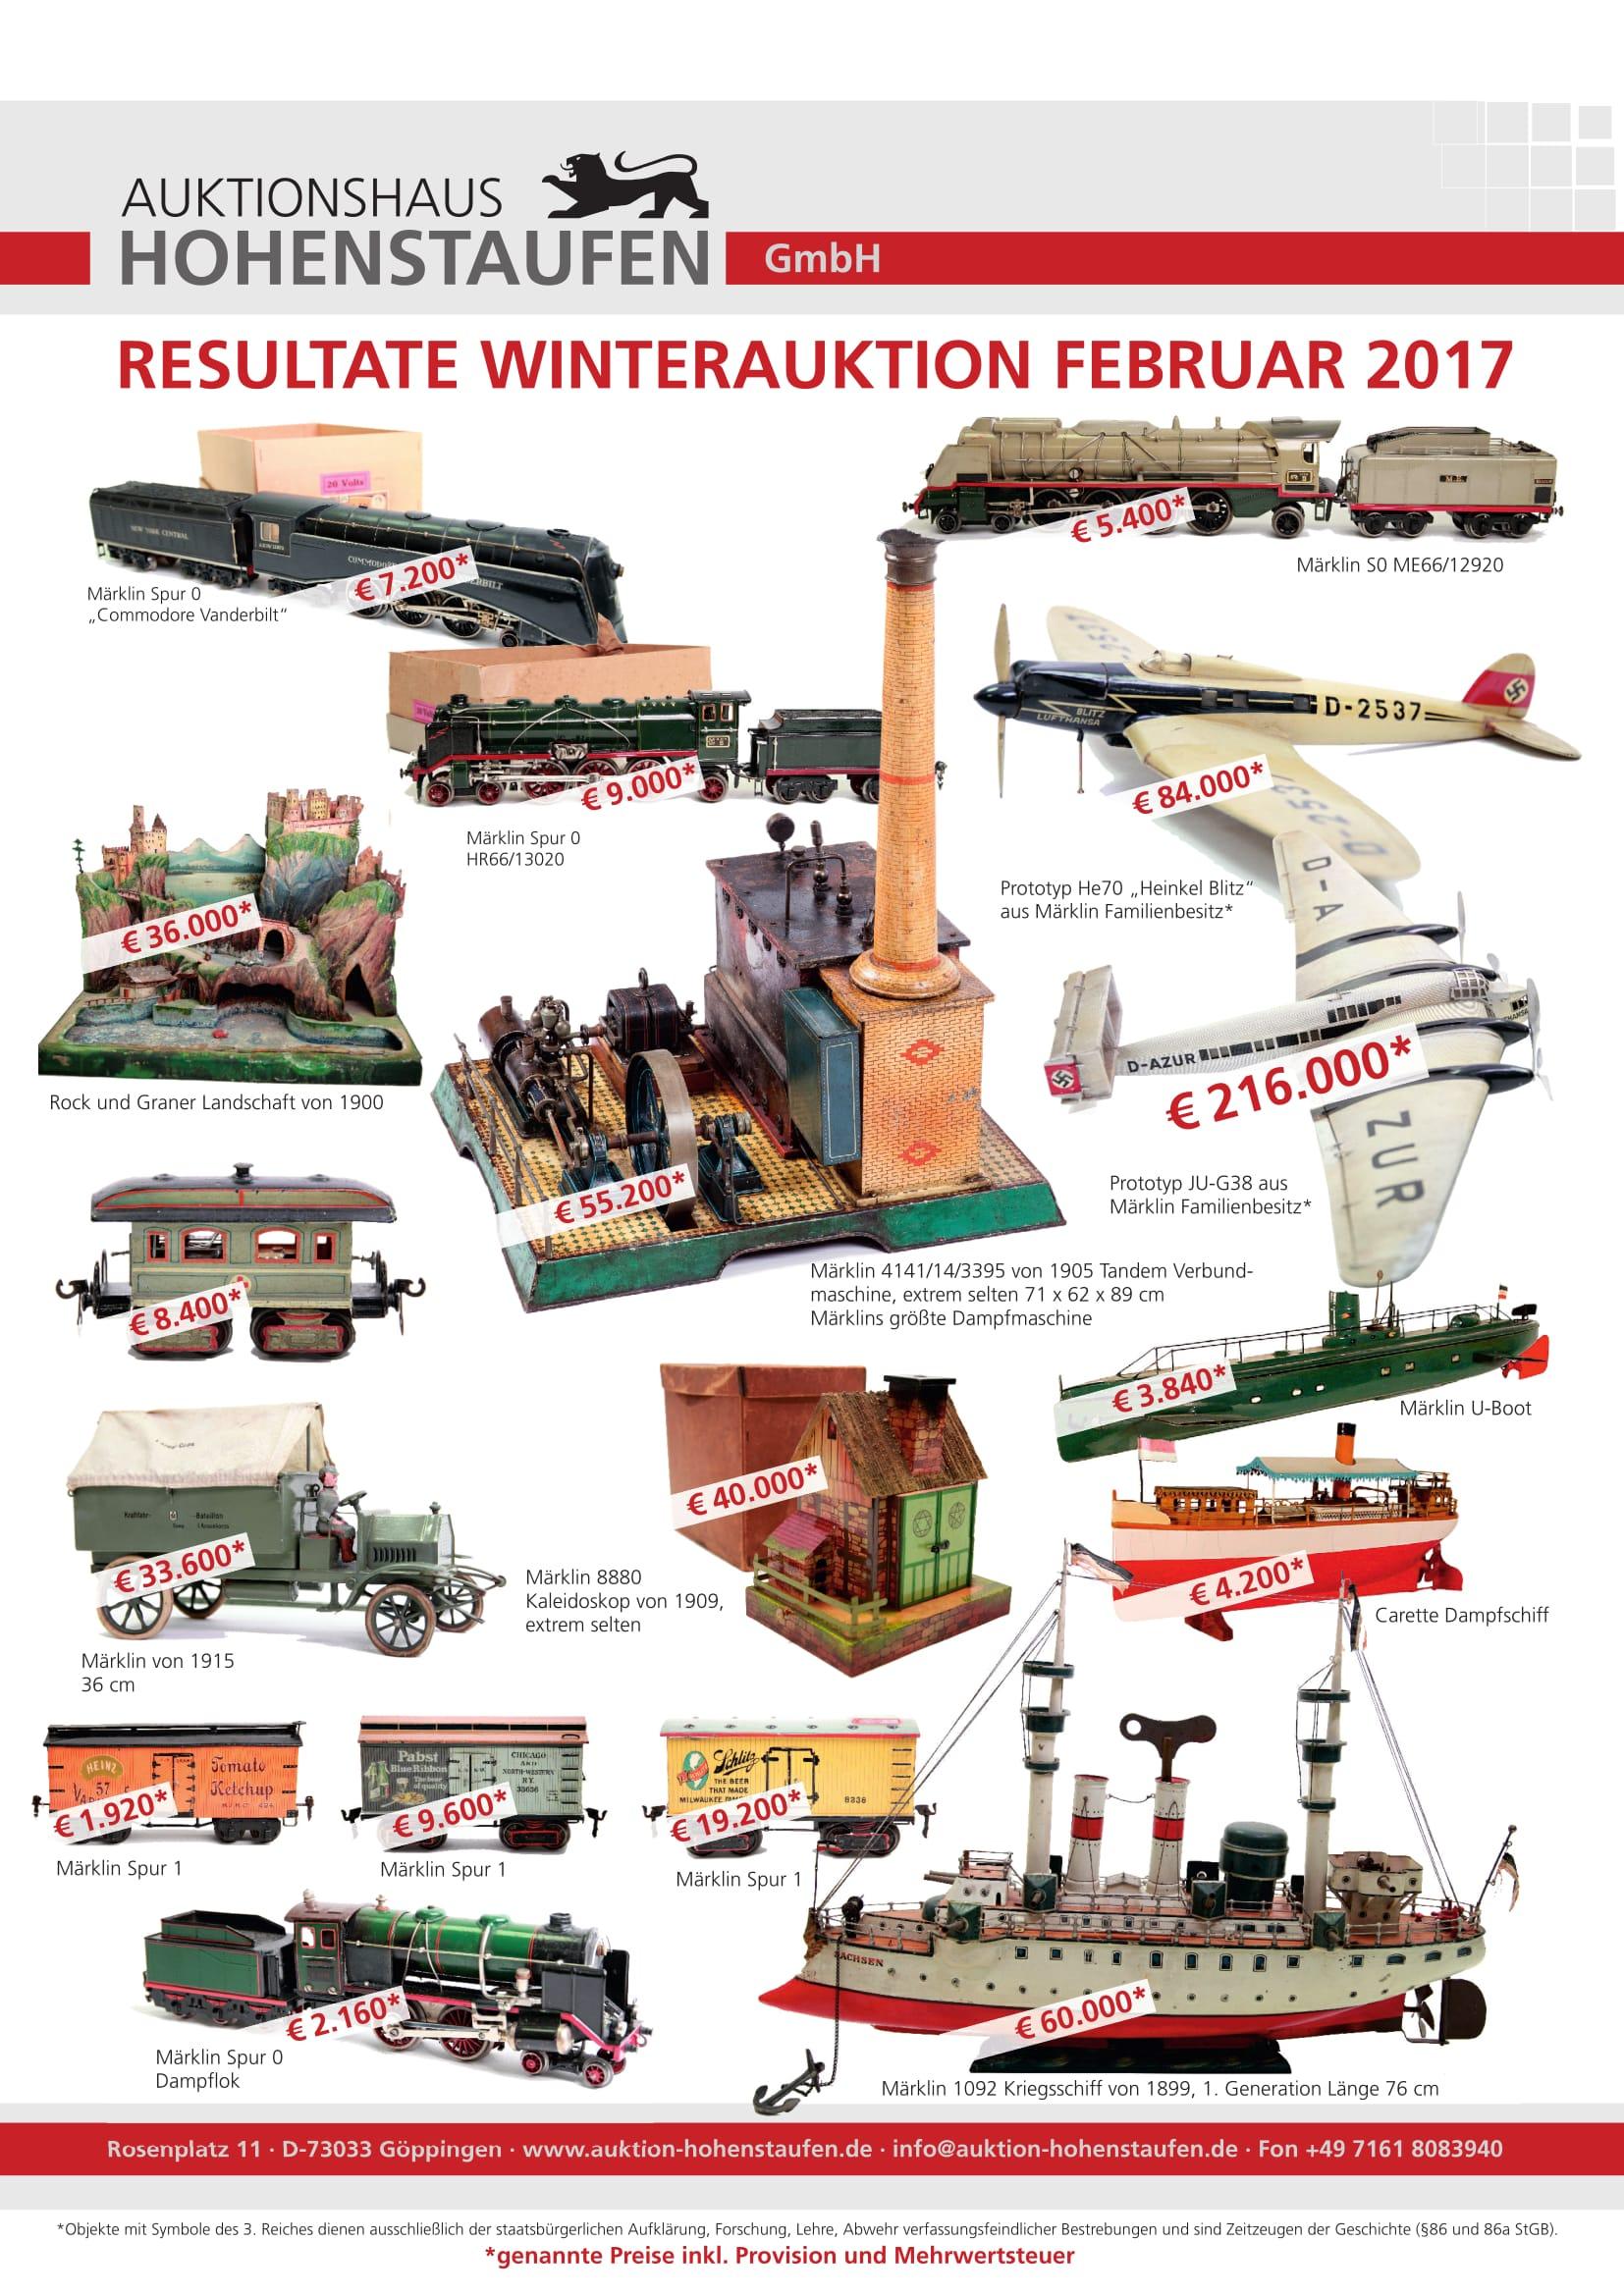 Auktionshaus hohenstaufen m rklin museum auktion 2017 part 1